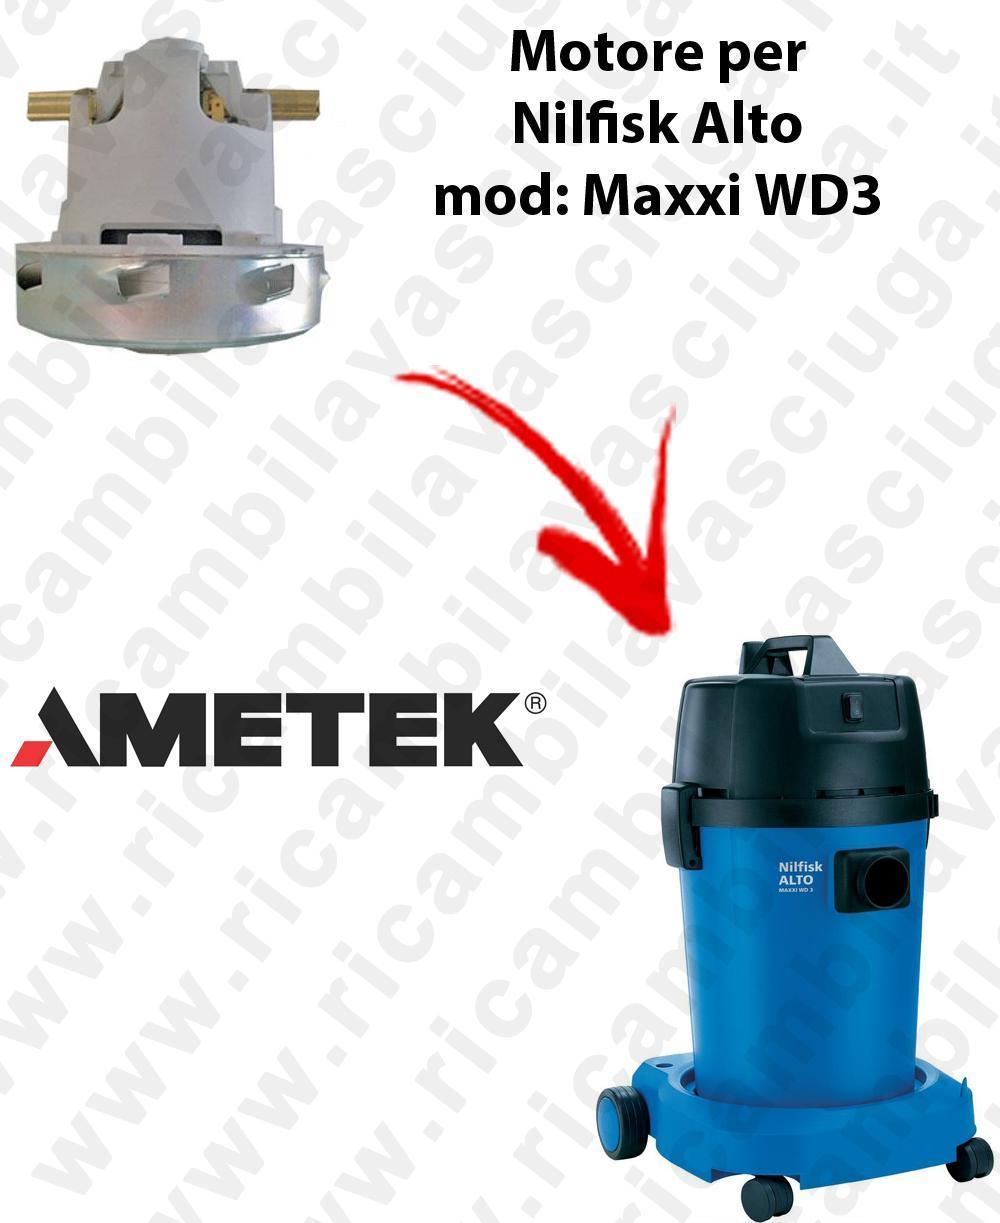 MAXXI WD3  MOTEUR ASPIRATION AMETEK pour aspirateur Nilfisk Alto